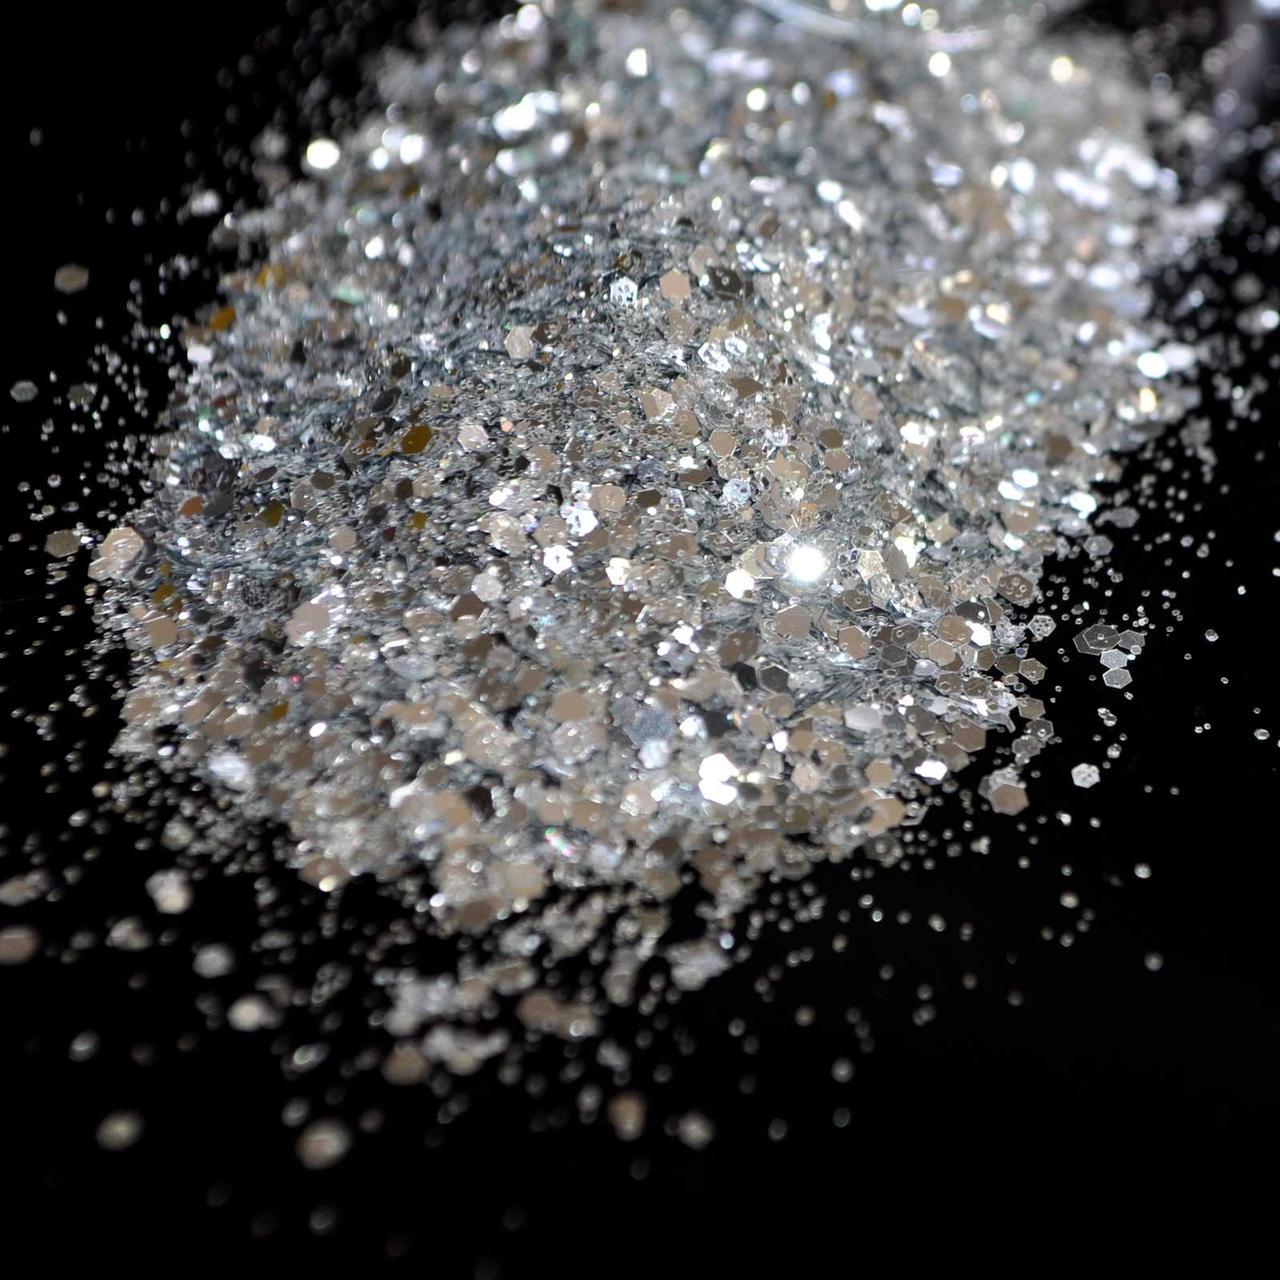 Массажный крем с частичками серебра - фото 4